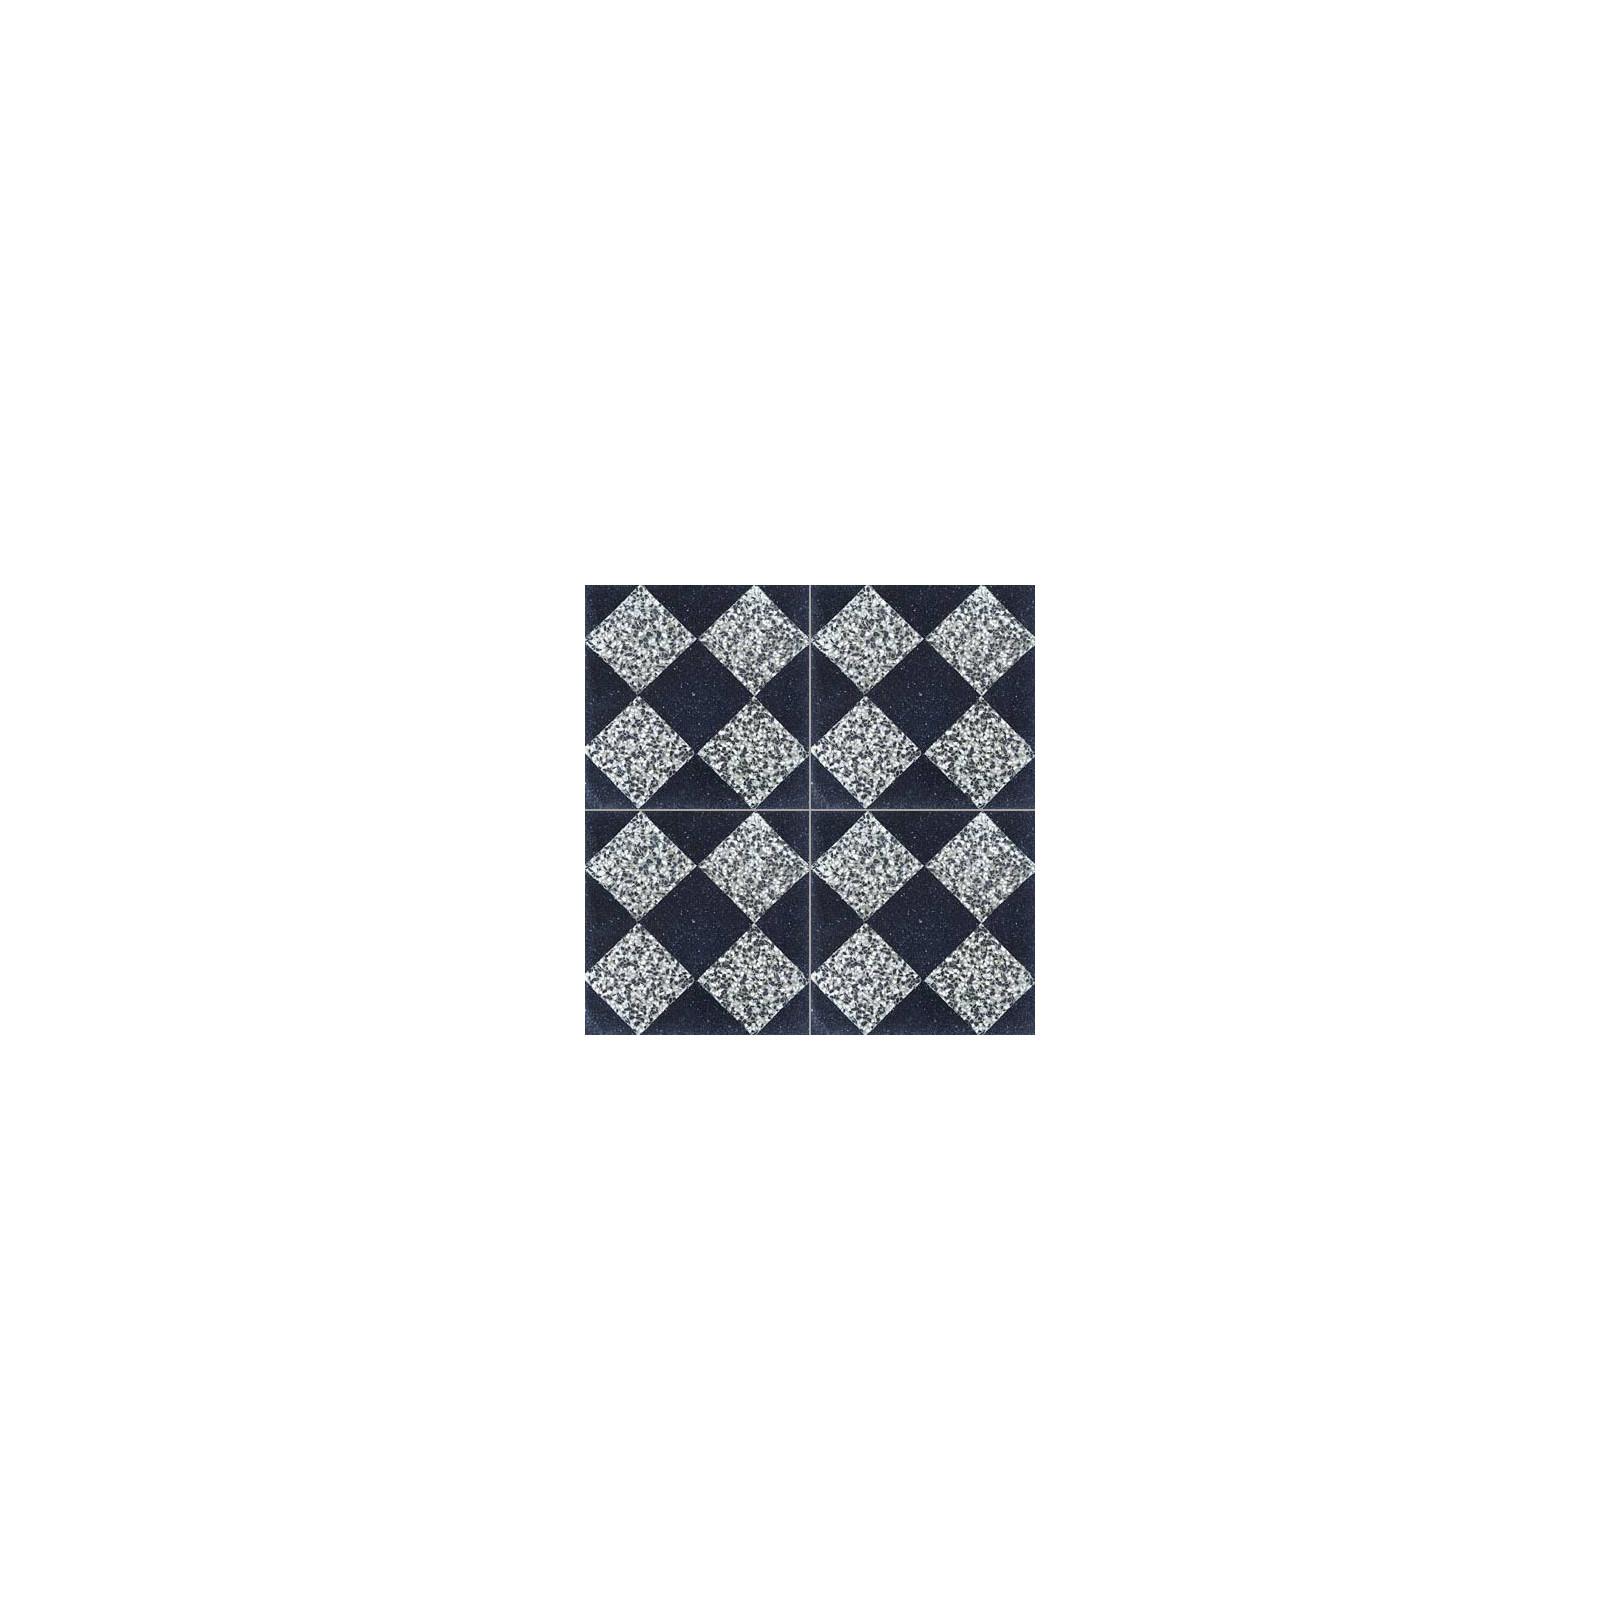 Carreau de terrazzo damier noir et blanc TNB05 01.333